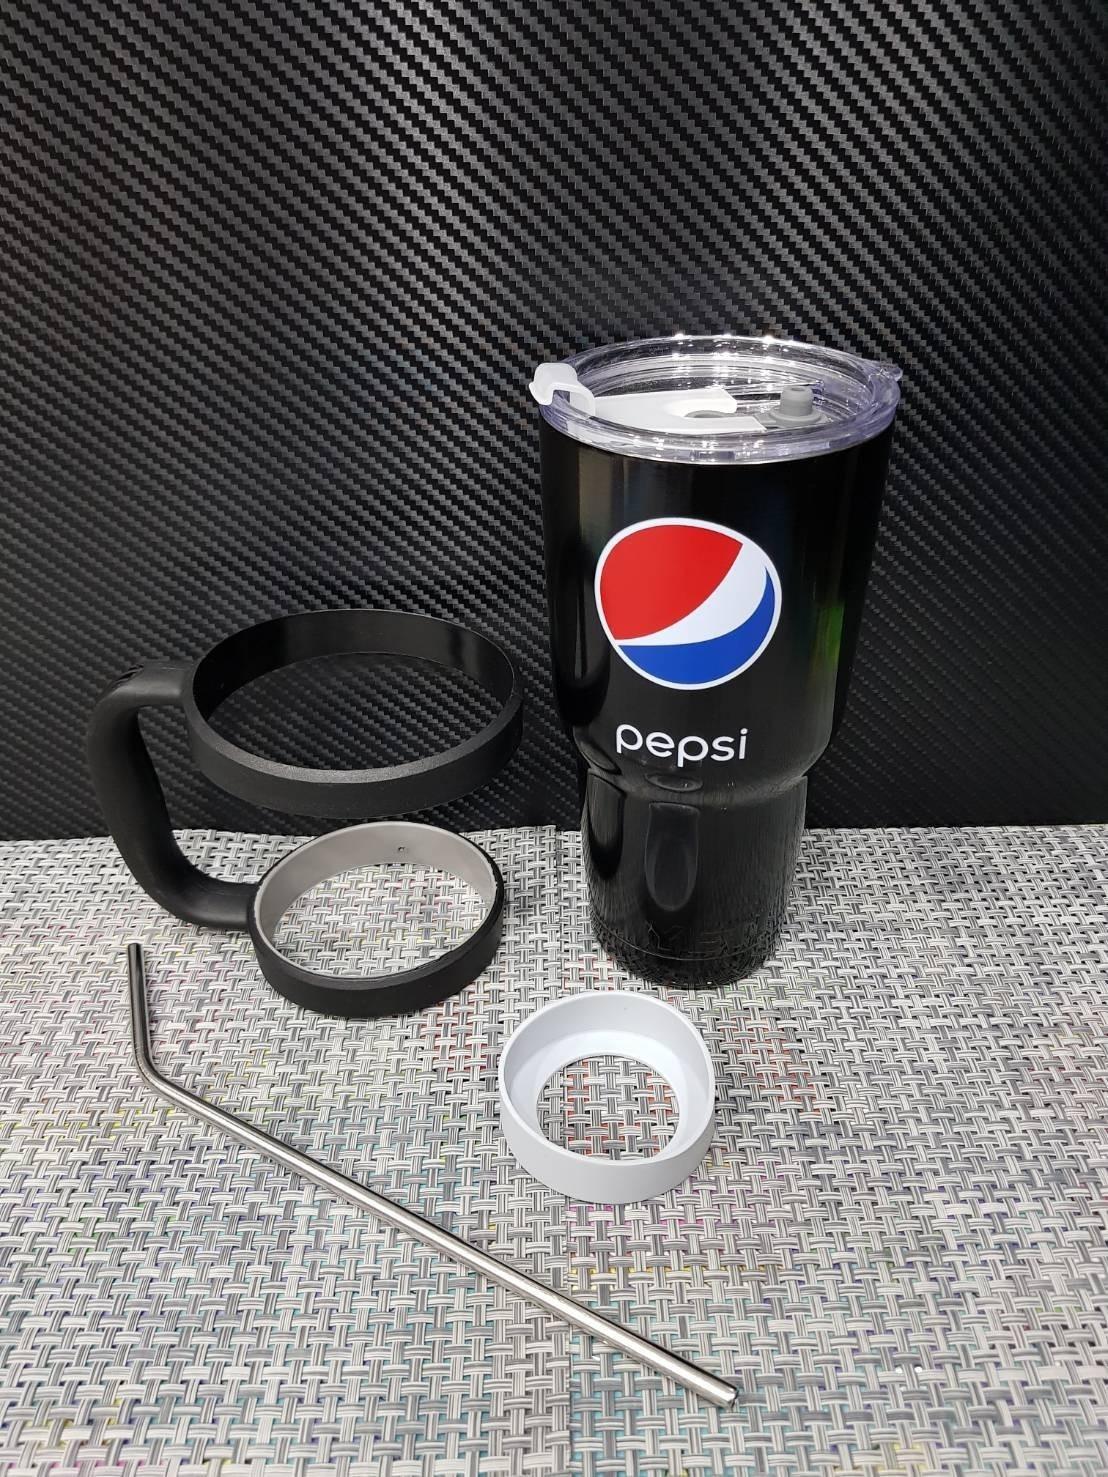 ชุดแก้วเยติ 30 ออนซ์ พื้นสีดำ โลโก้ pepsi